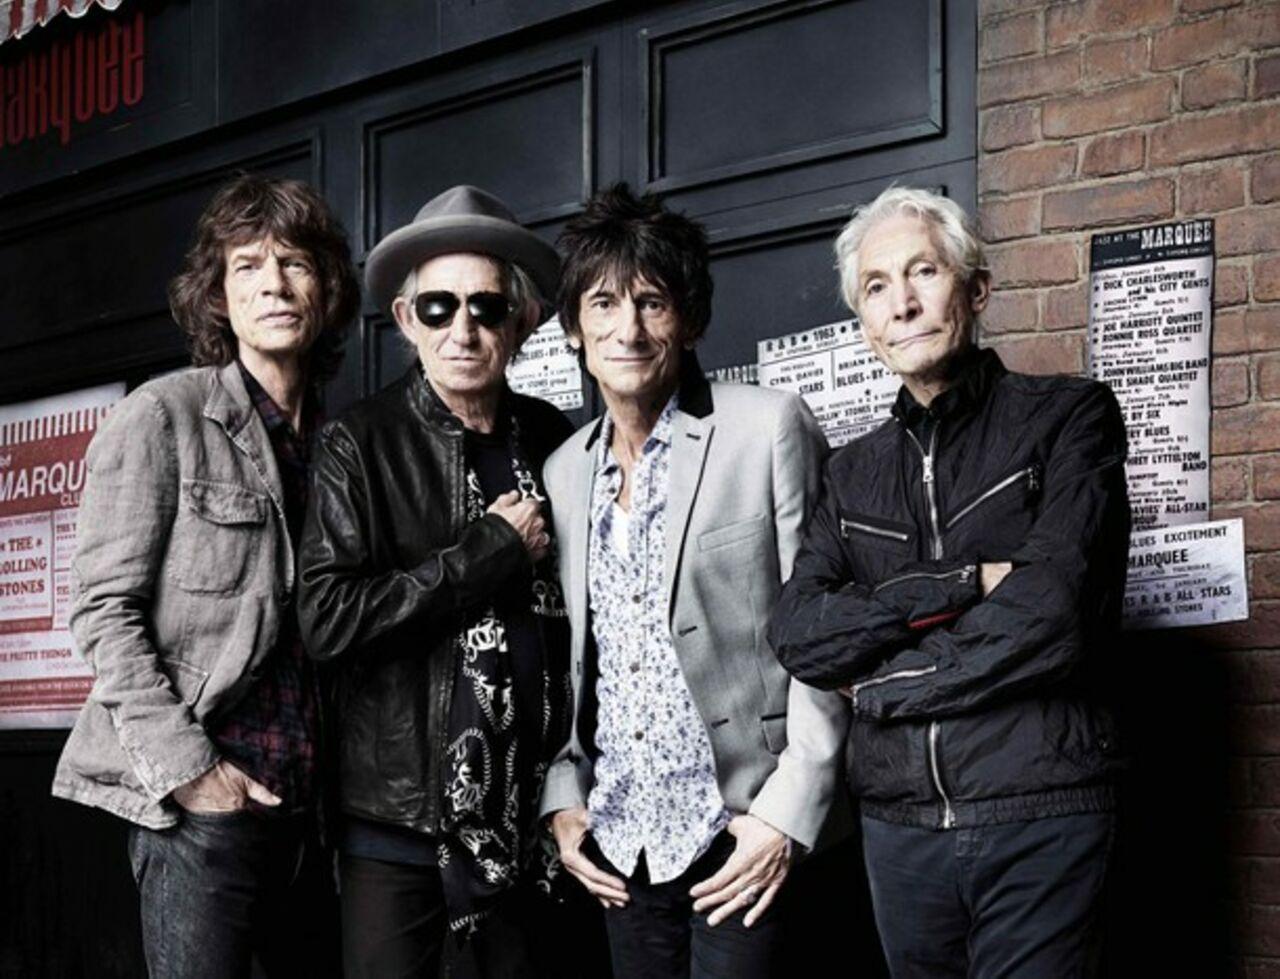 Кит Ричардс объявил озаписи нового альбома Rolling Stones